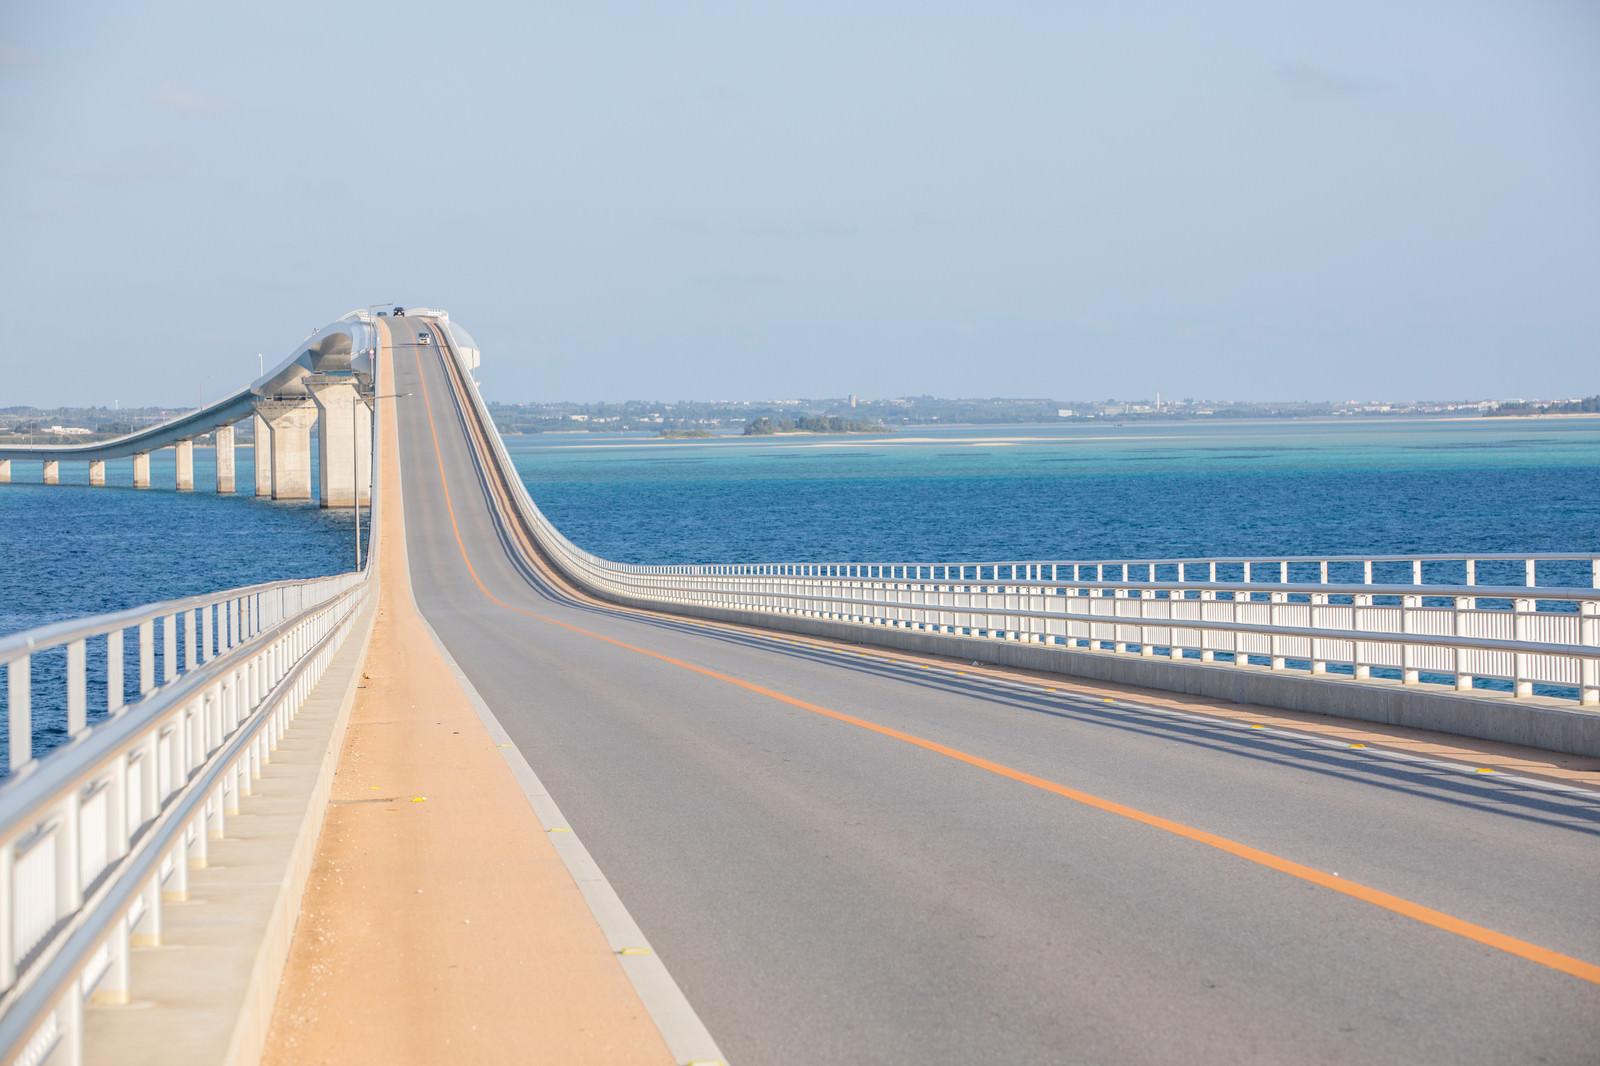 「全長3,540mの伊良部大橋」の写真